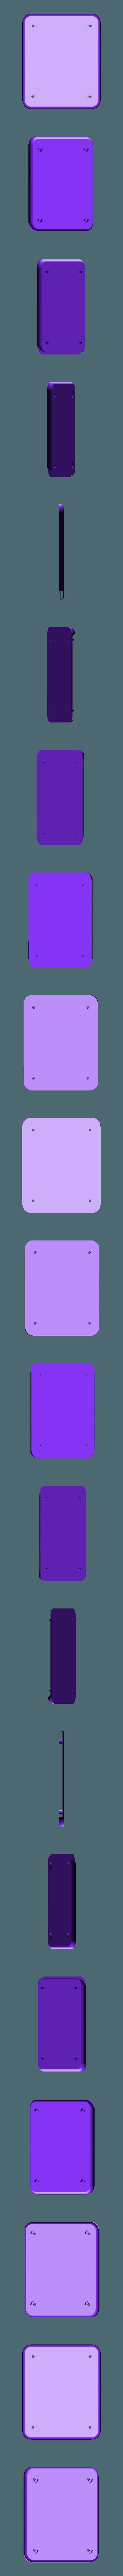 raspi_cover_no-cam.stl Télécharger fichier STL gratuit Étui Raspberry Pi avec caméra et émetteur • Plan à imprimer en 3D, vmi